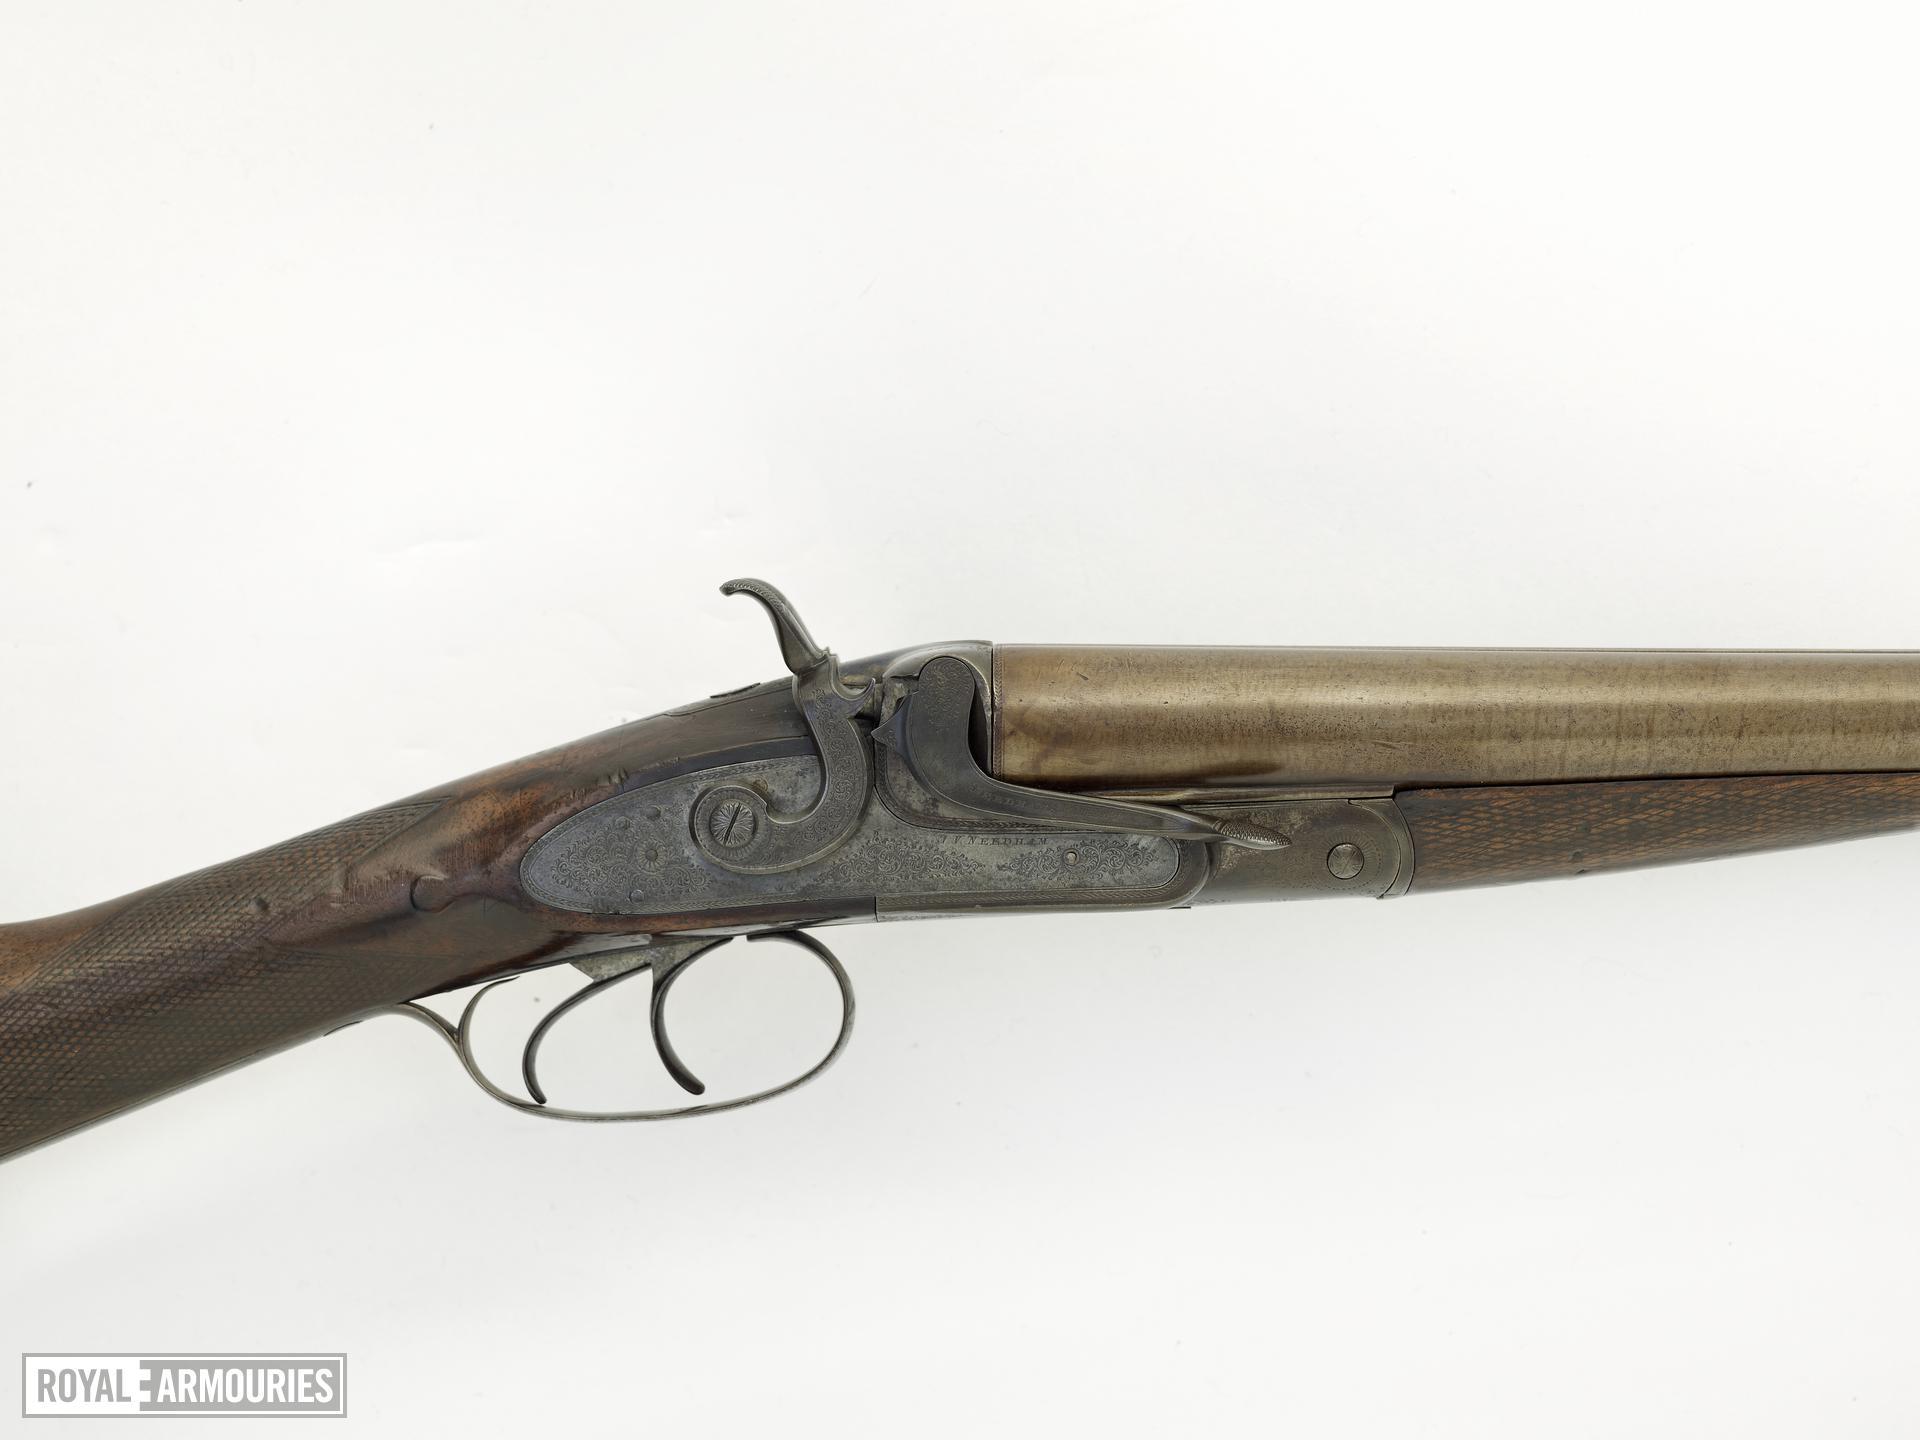 Centrefire breech-loading double-barrelled shotgun - By J. V. Needham